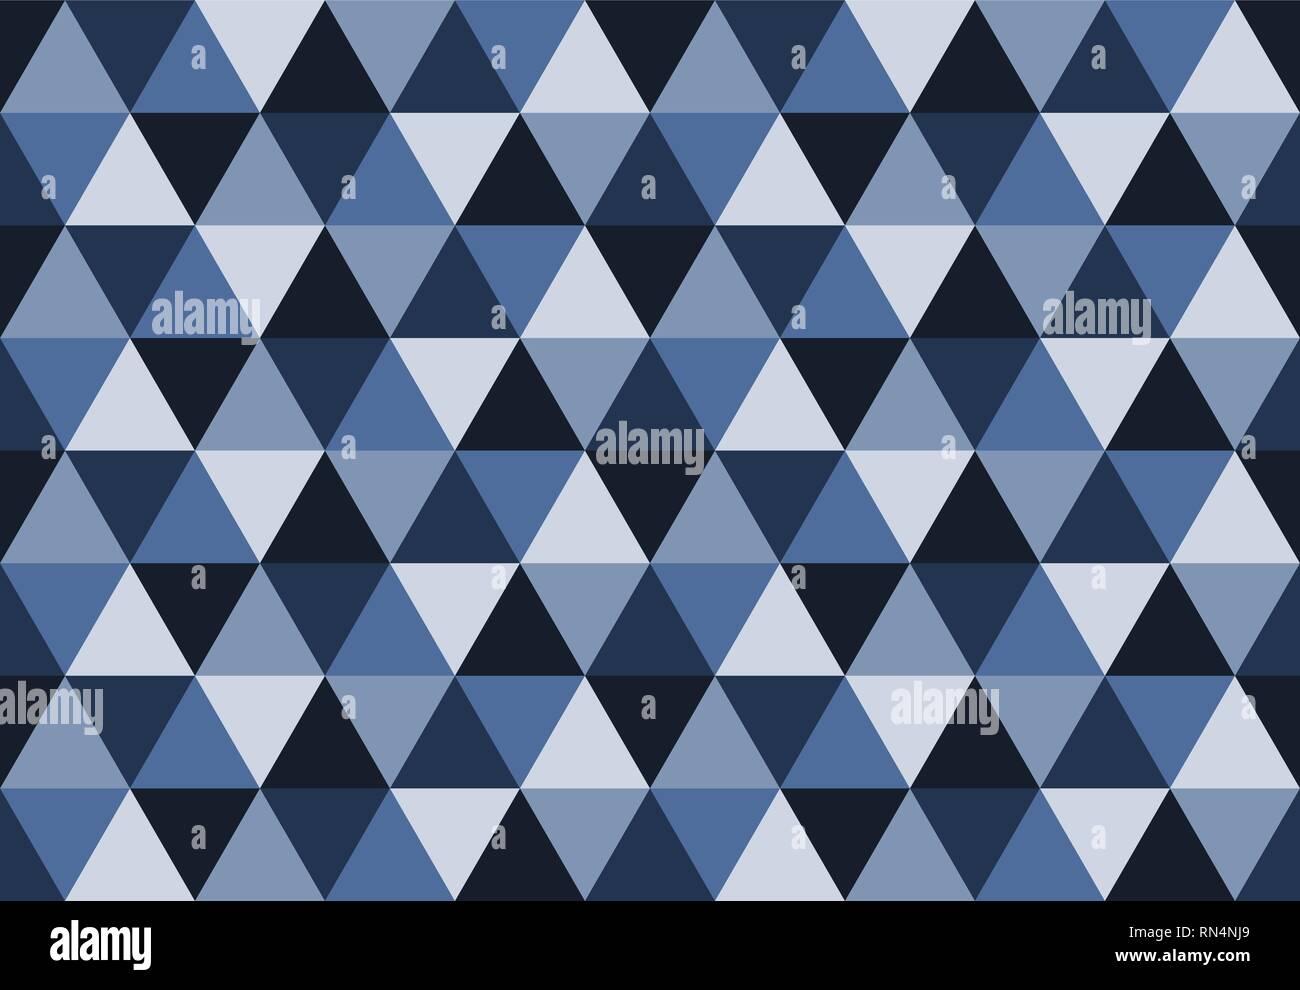 Triangolare Pattern Seamlesslow Poly Sfondo Geometricoblu E Grigio